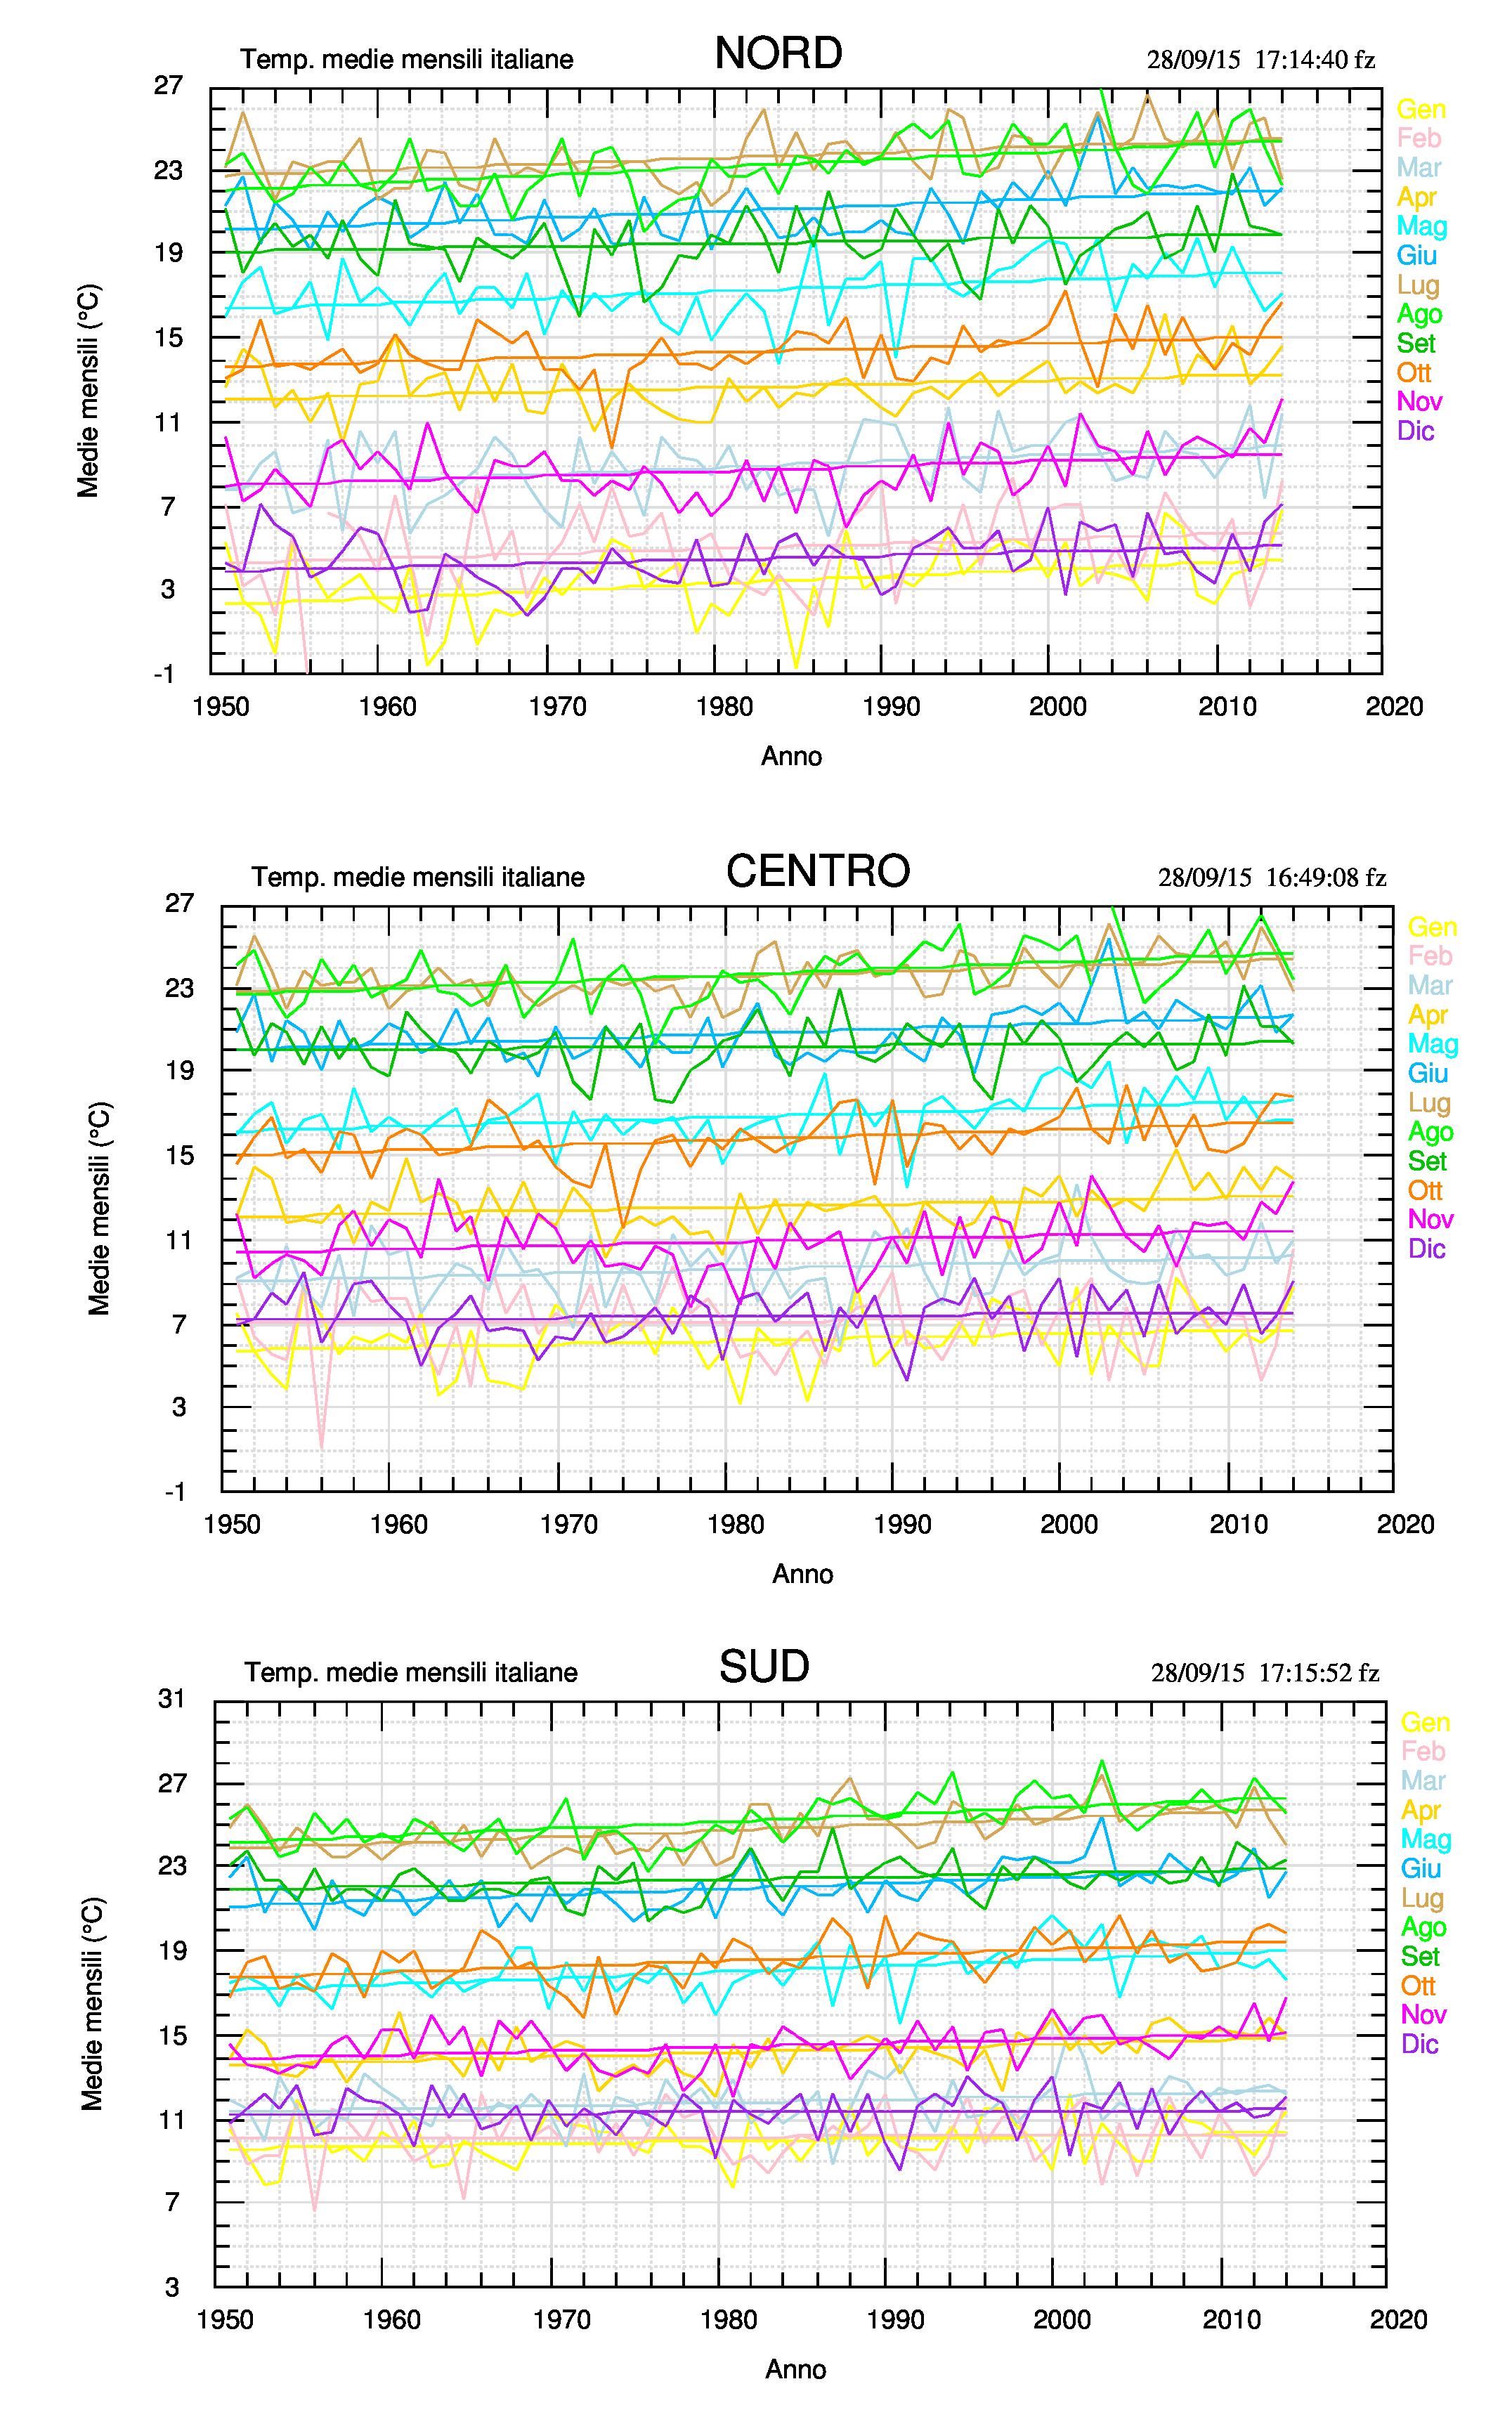 Fig.1. Temperature medie mensili per le tre macro regioni, dal 1951 al 2014. Si osserva una crescita delle temperature comune a tutti i mesi ad un tasso compreso tra 0.03 e 0.37 °C/decade.